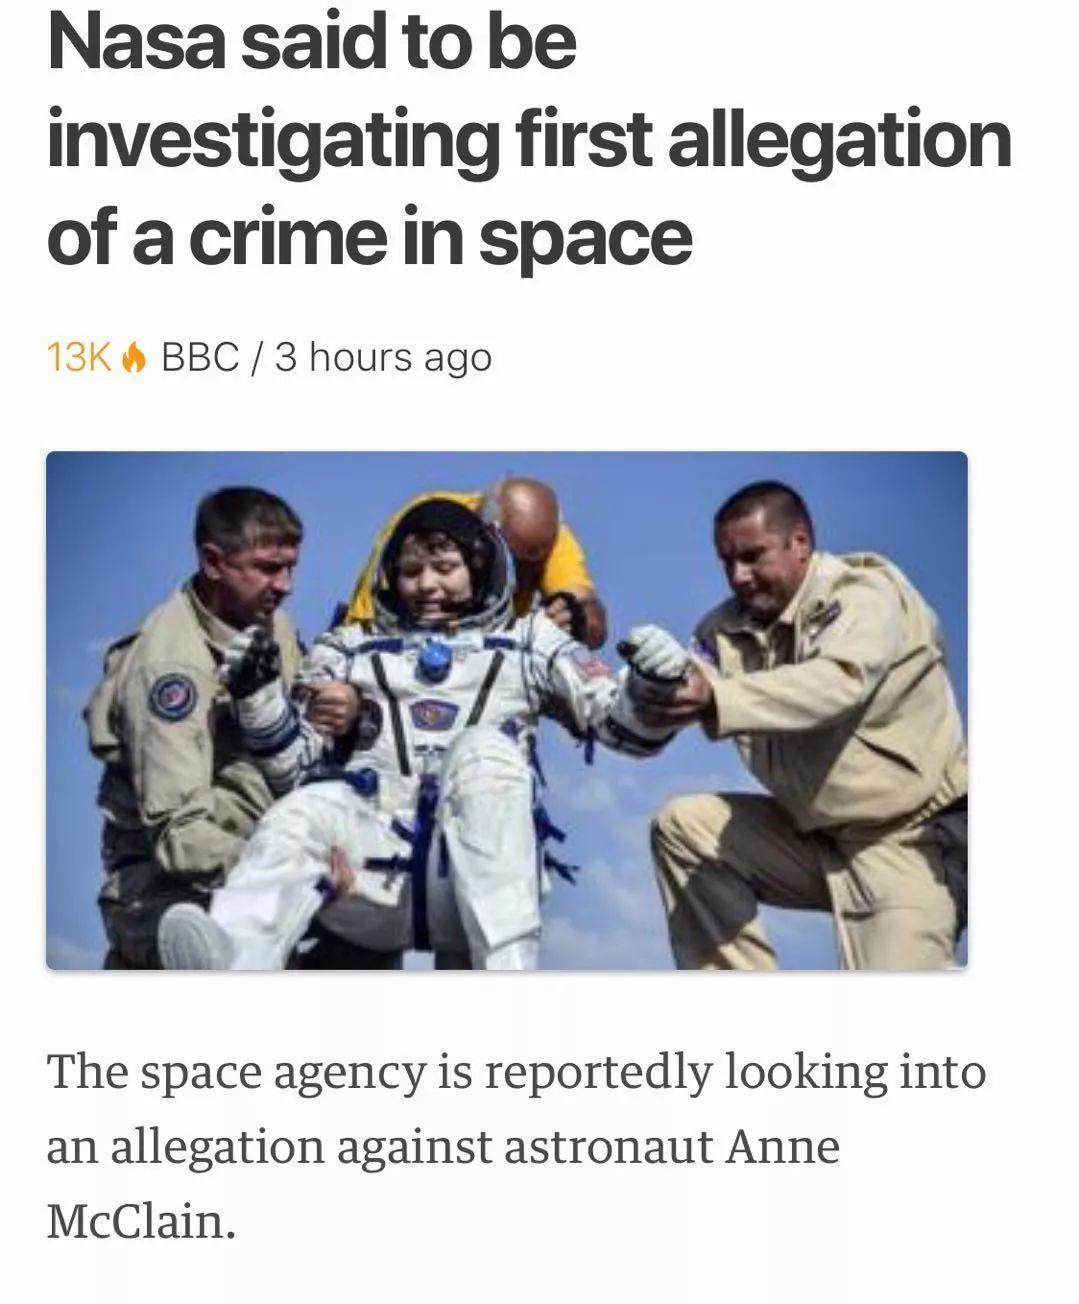 作案不在地球 NASA女航天员在太空盗窃前任银行账户纽约时报银行盗号